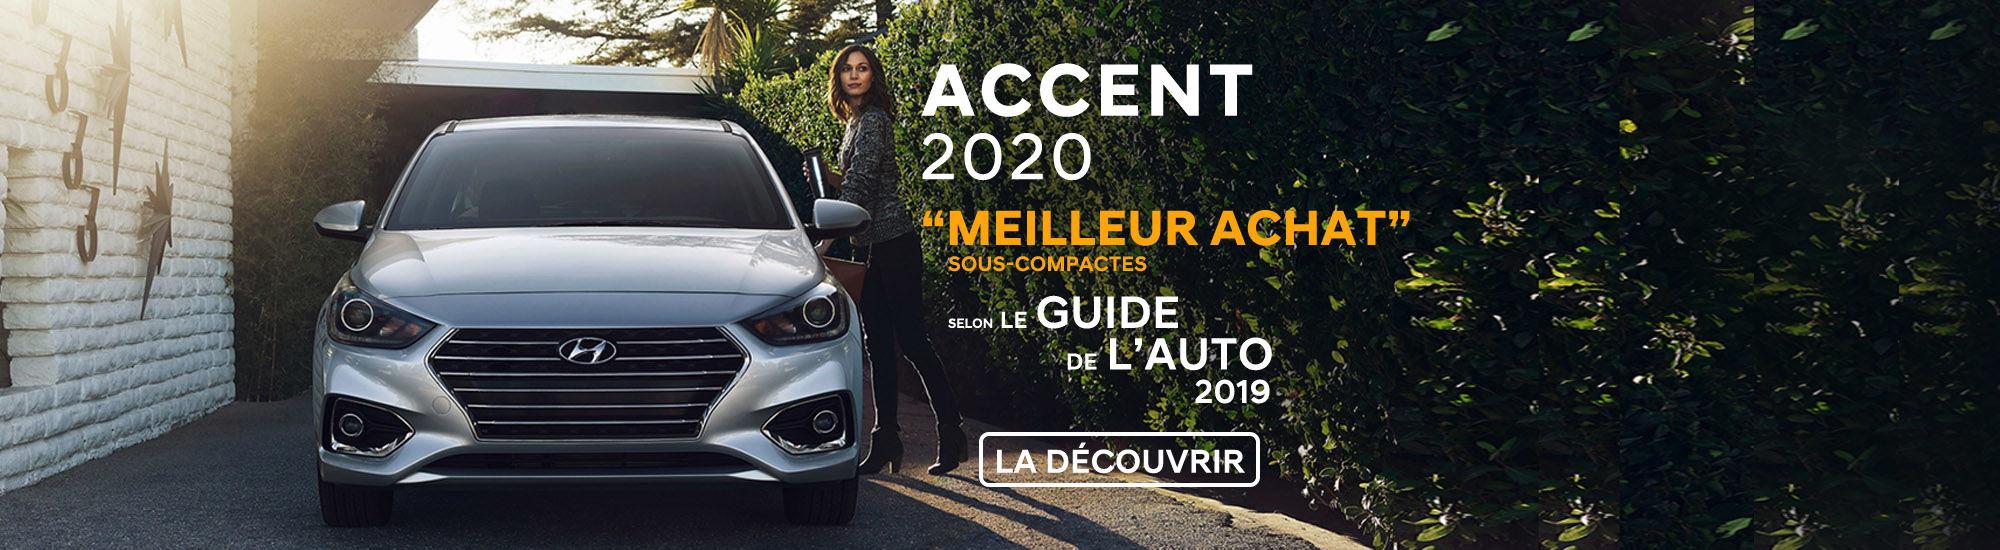 Accent 2020